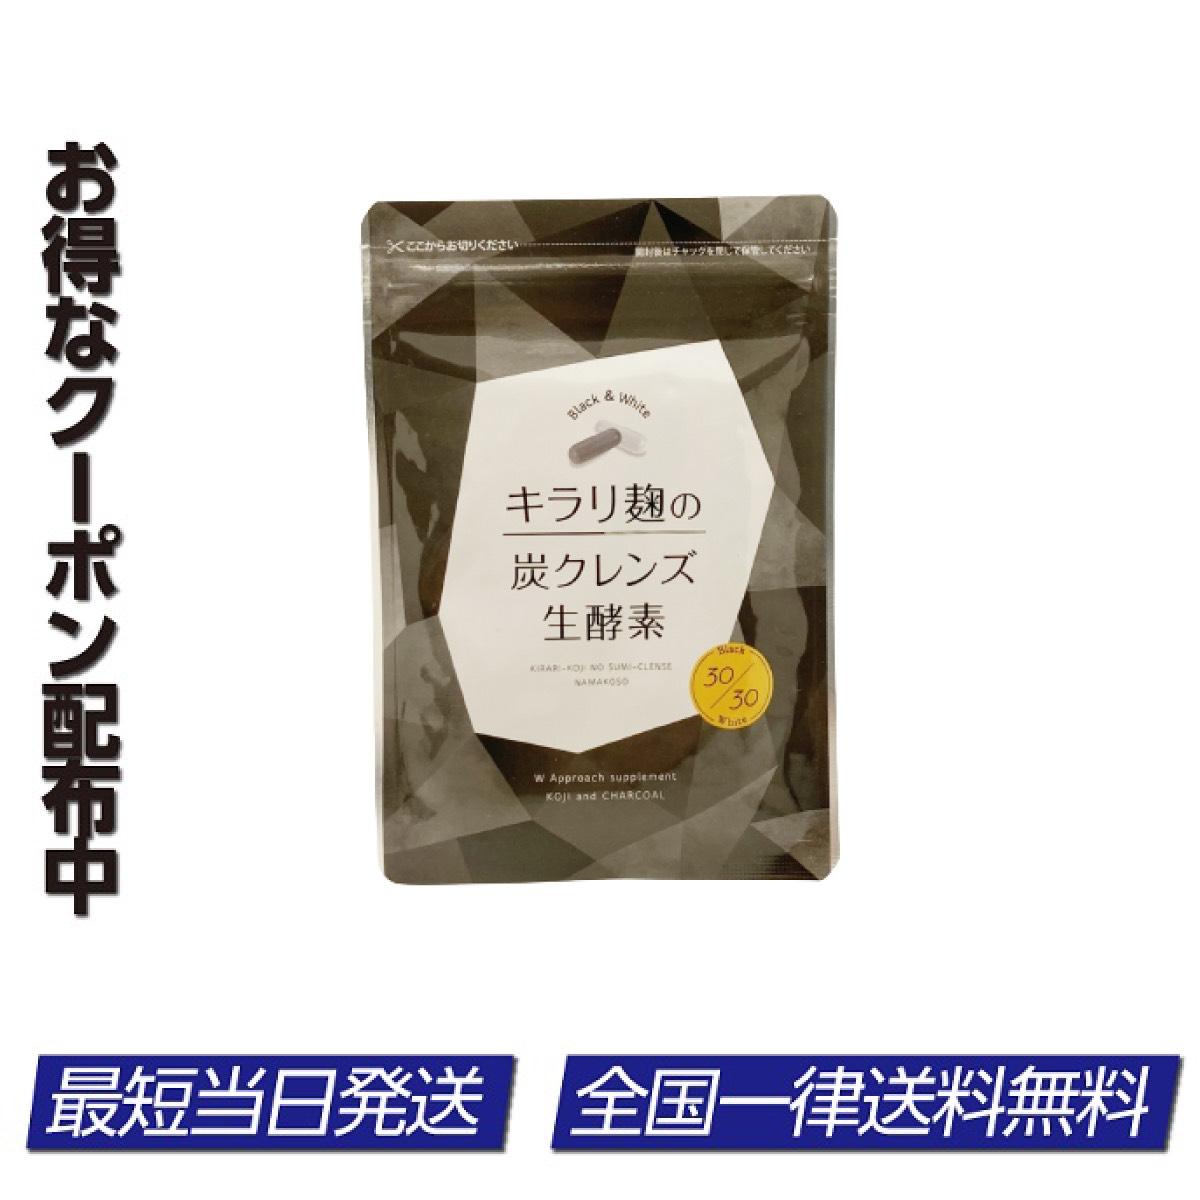 キラリ麹の炭クレンズ生酵素 60粒 クレンズ 即納送料無料 タイムセール 乳酸菌 サプリメント